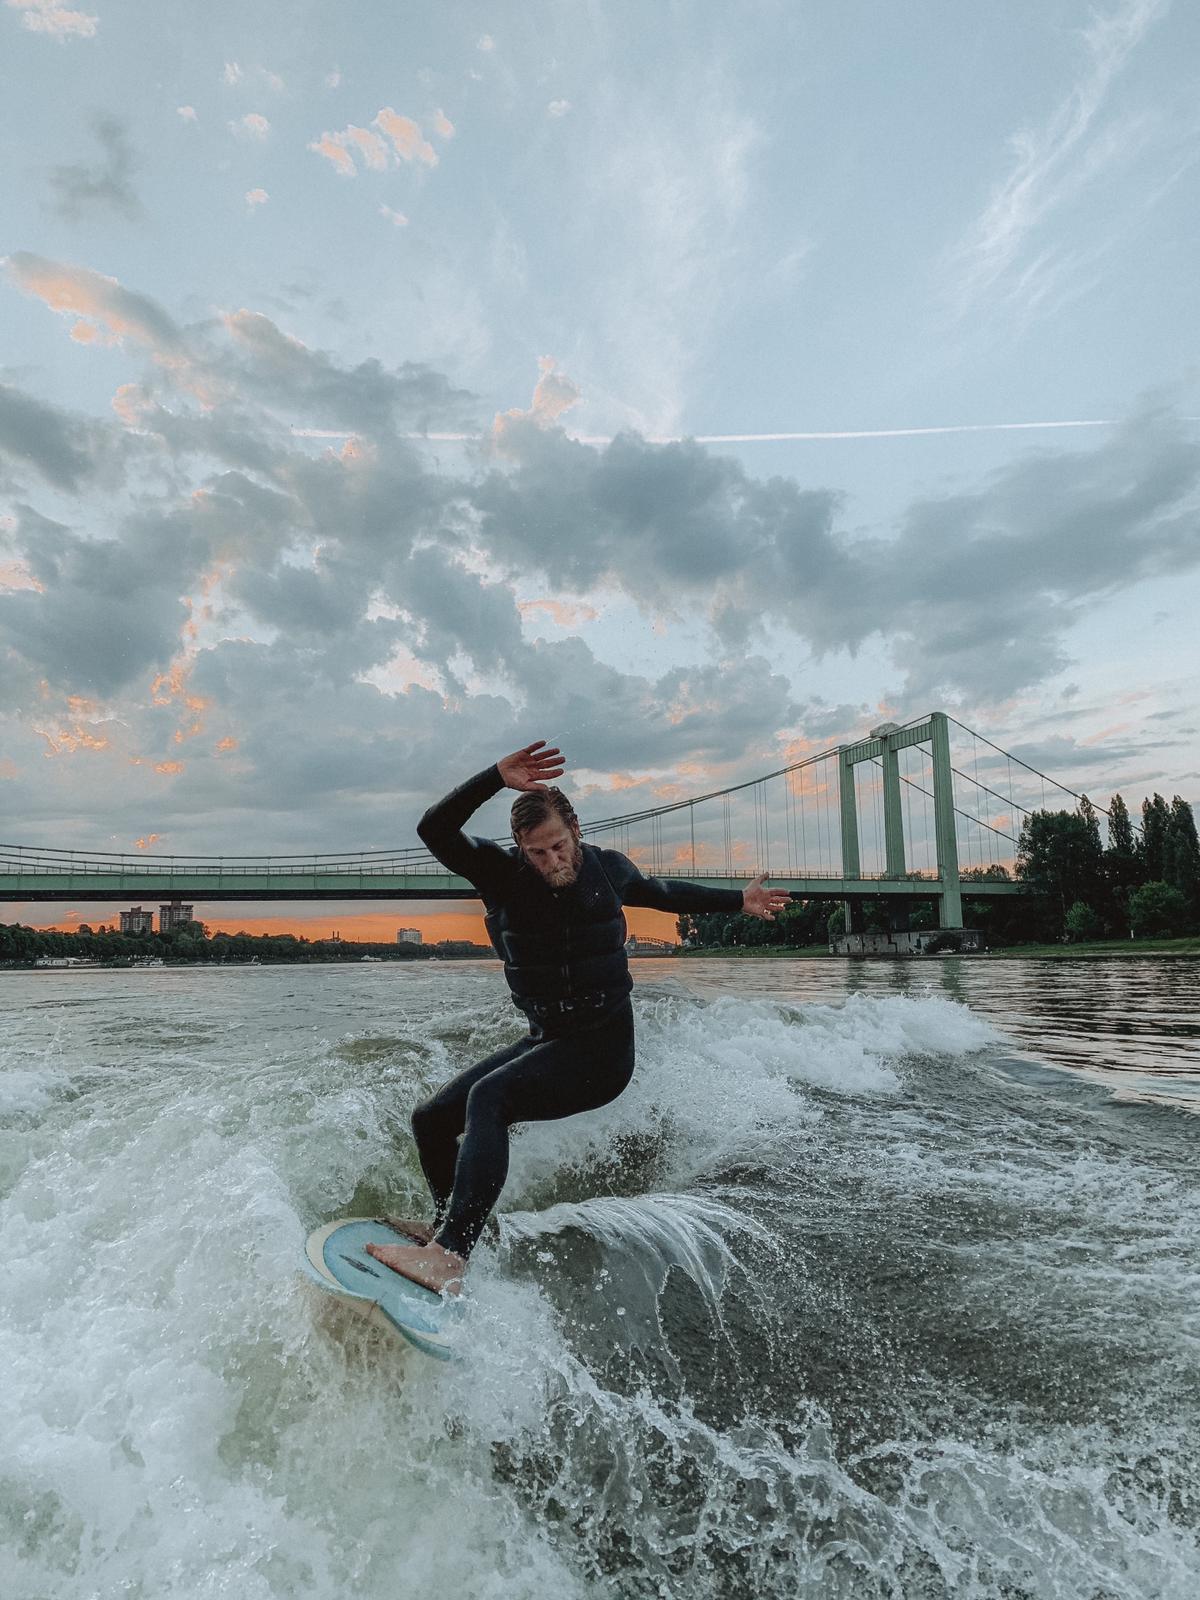 Köllefornia am Rhein – Surfen in der Stadt und Sundowner mit Domblick: surft.kologne sorgt für die perfekte Welle in Köln